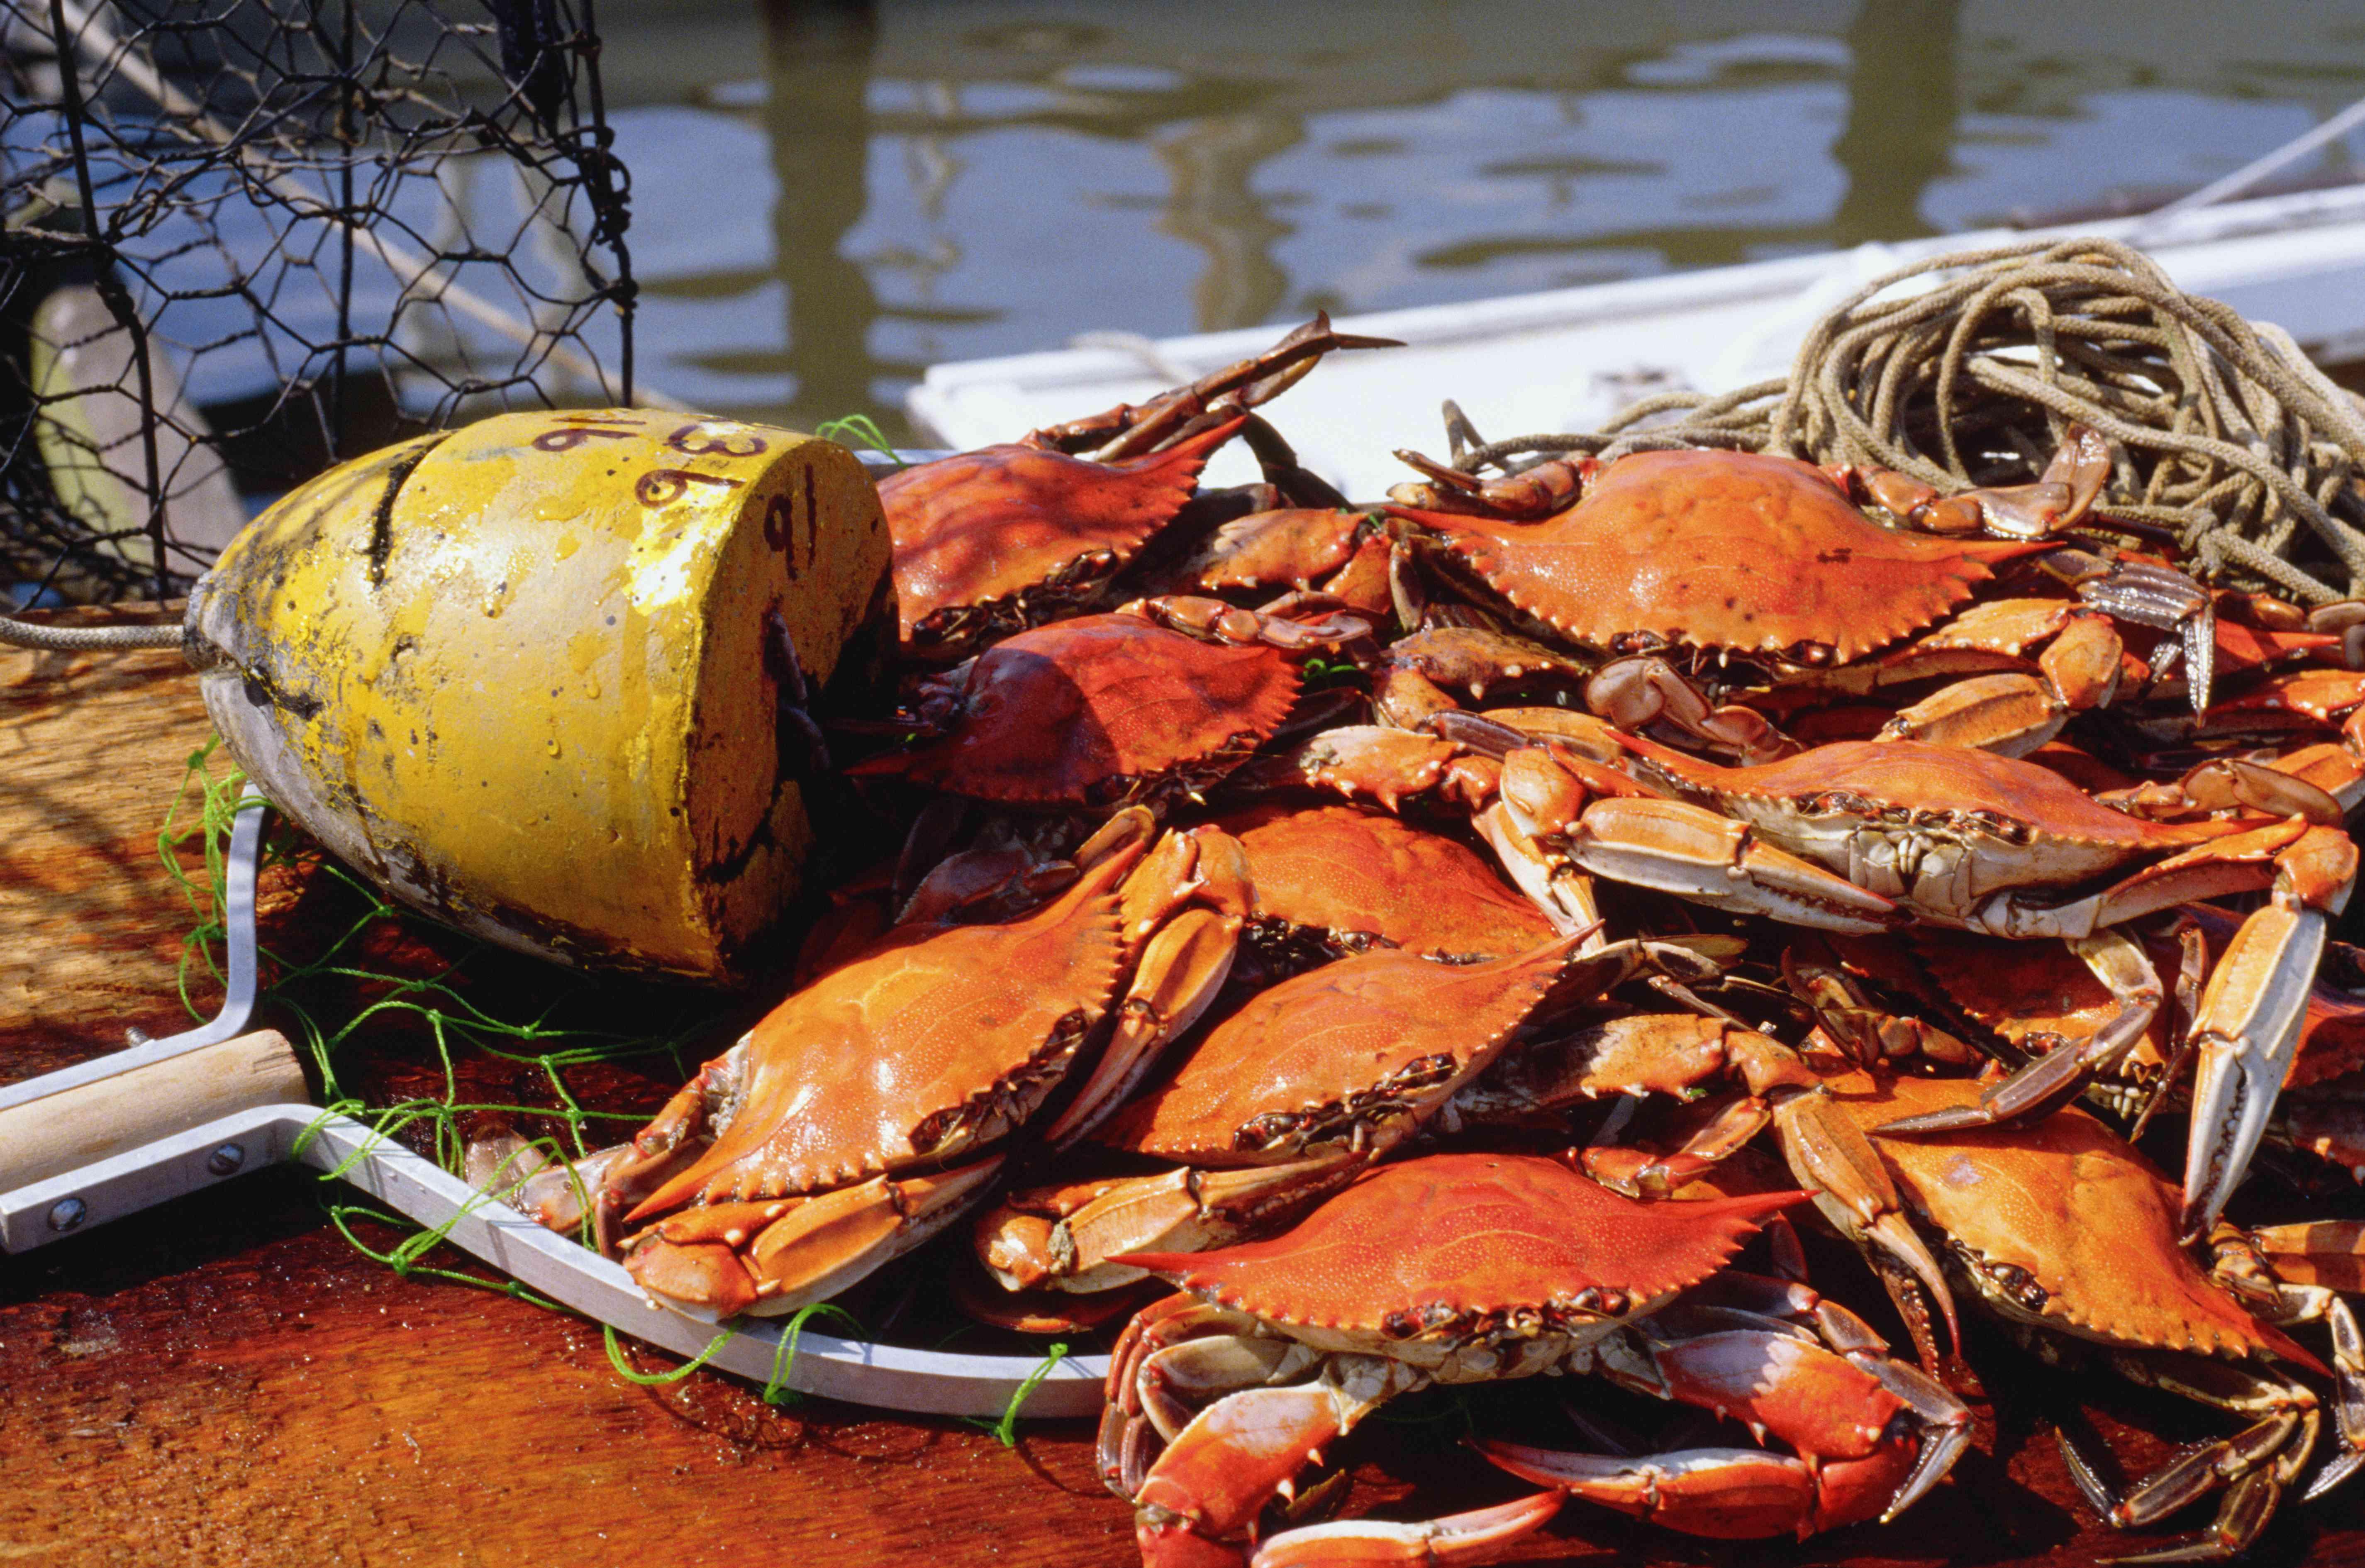 High angle view of crabs, Annapolis, Maryland, USA